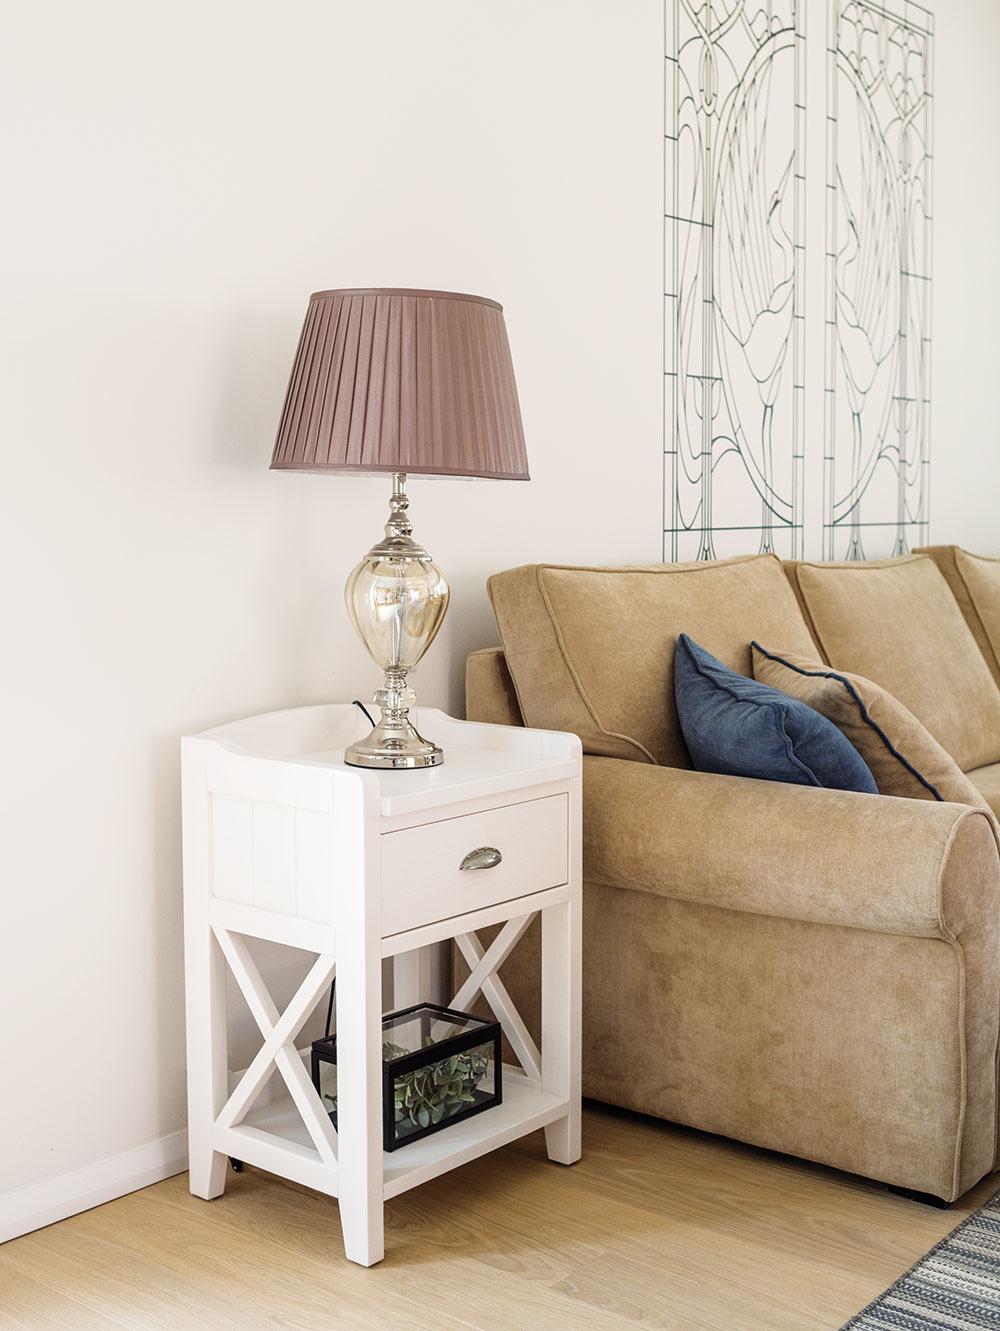 Príručný stolík pochádza zo Španielska. Predáva Malvarosa.